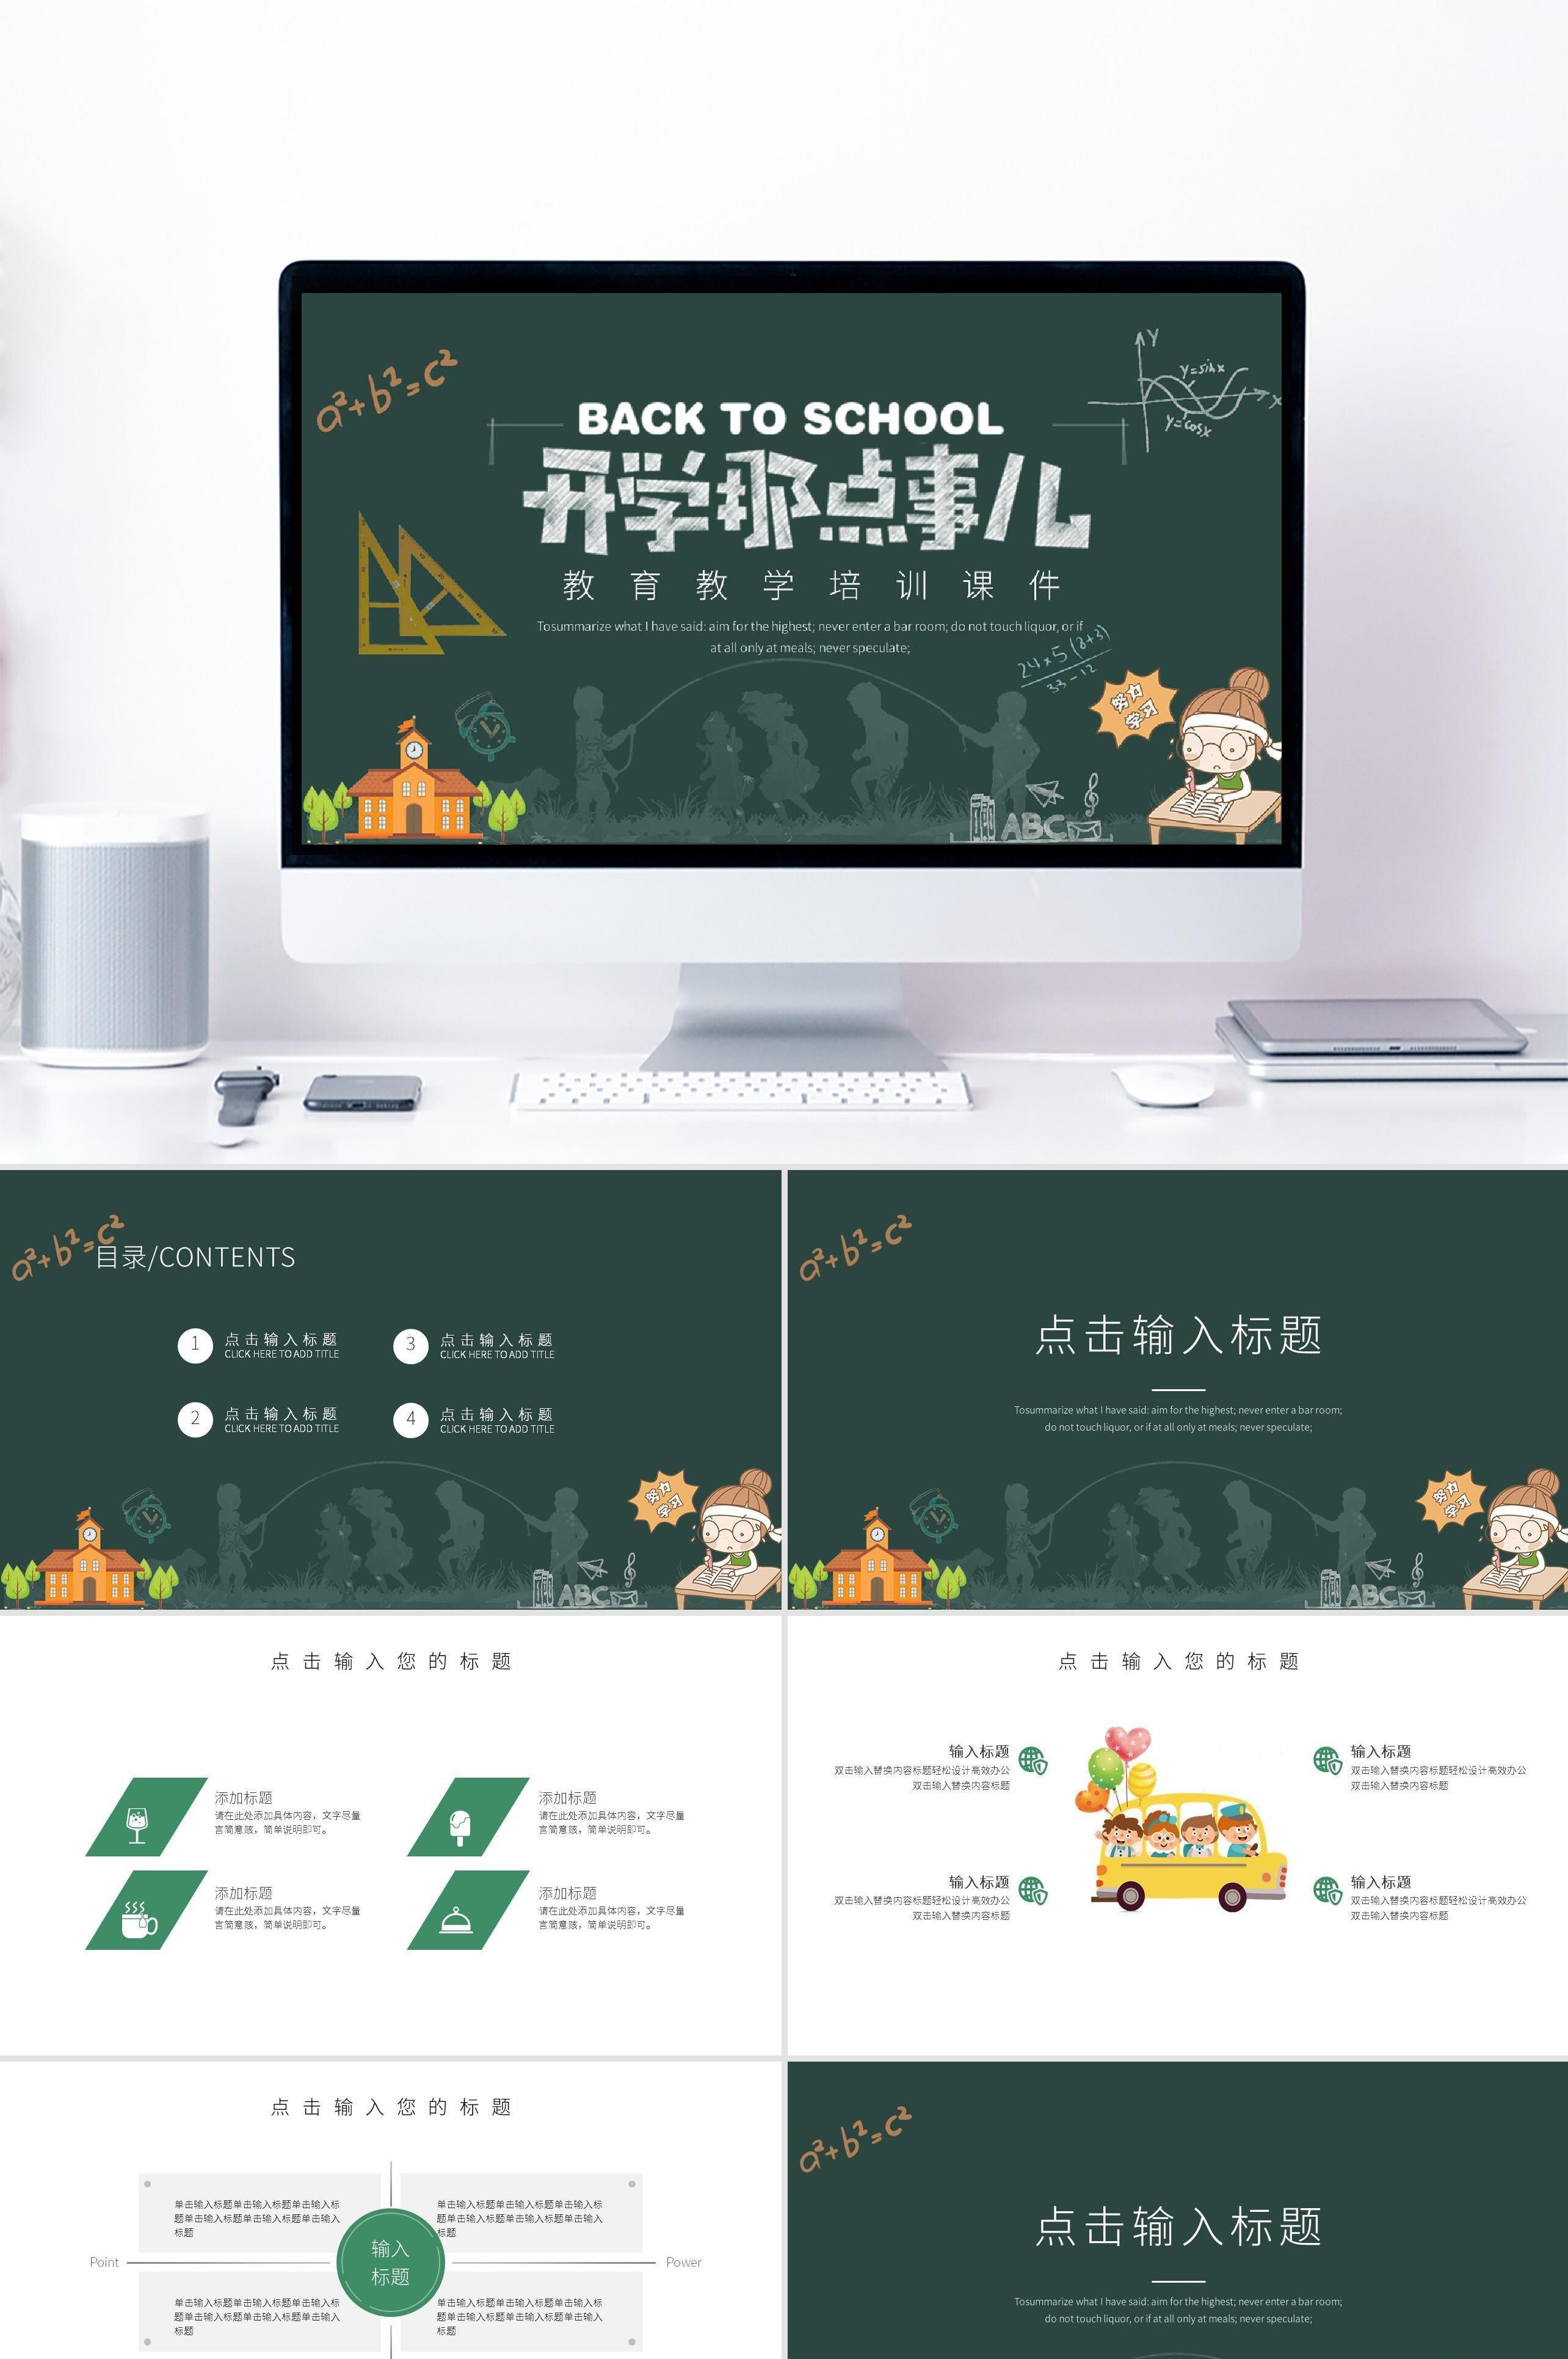 绿色黑板风卡通风格开学季教育教学培训课件PPT模板